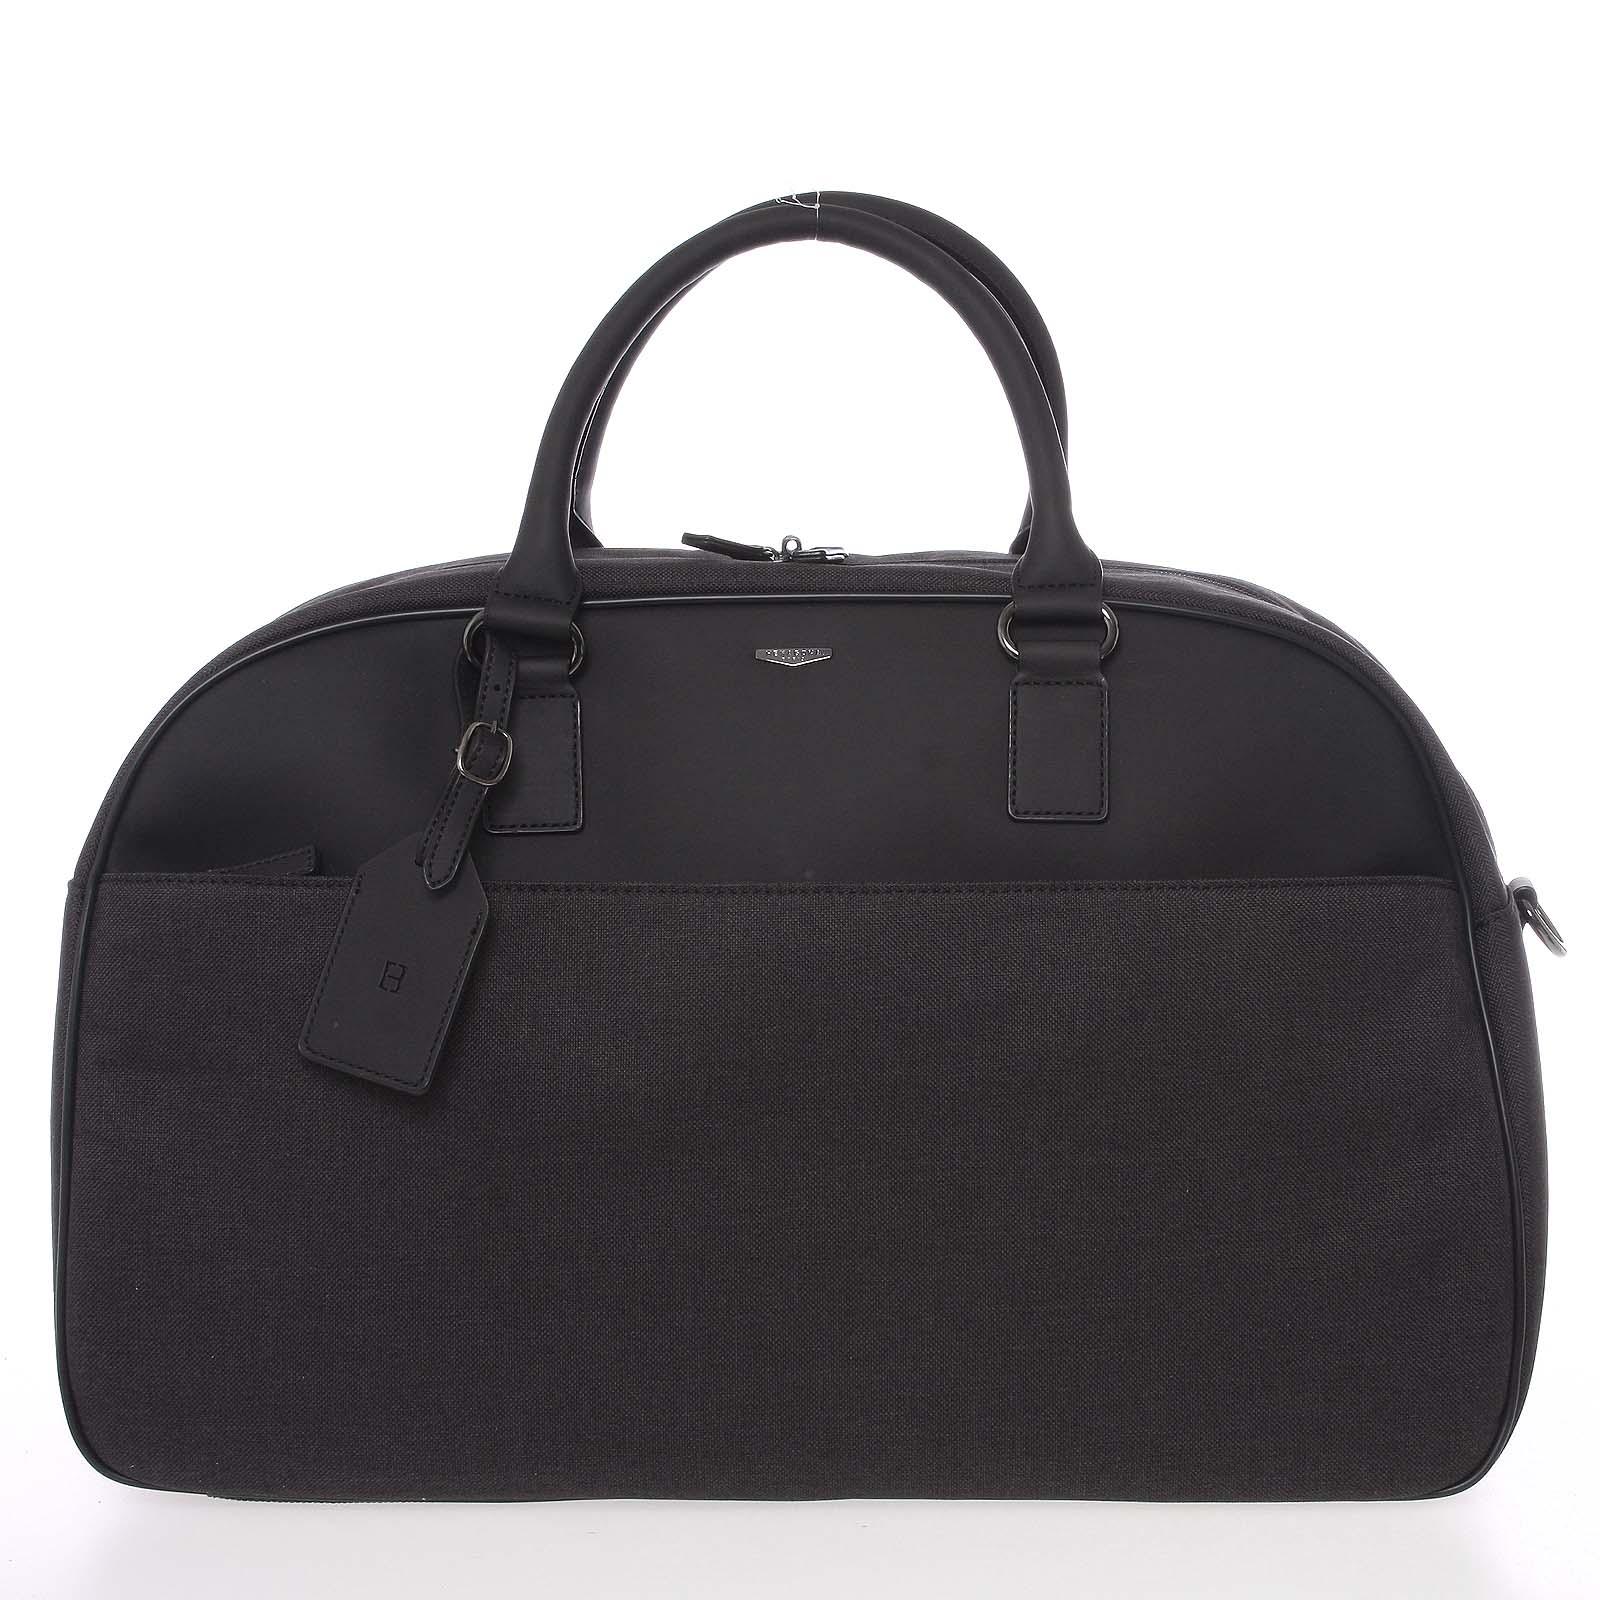 Veľká šedá luxusné polokožené cestovná taška - Hexagona Liberte šedá